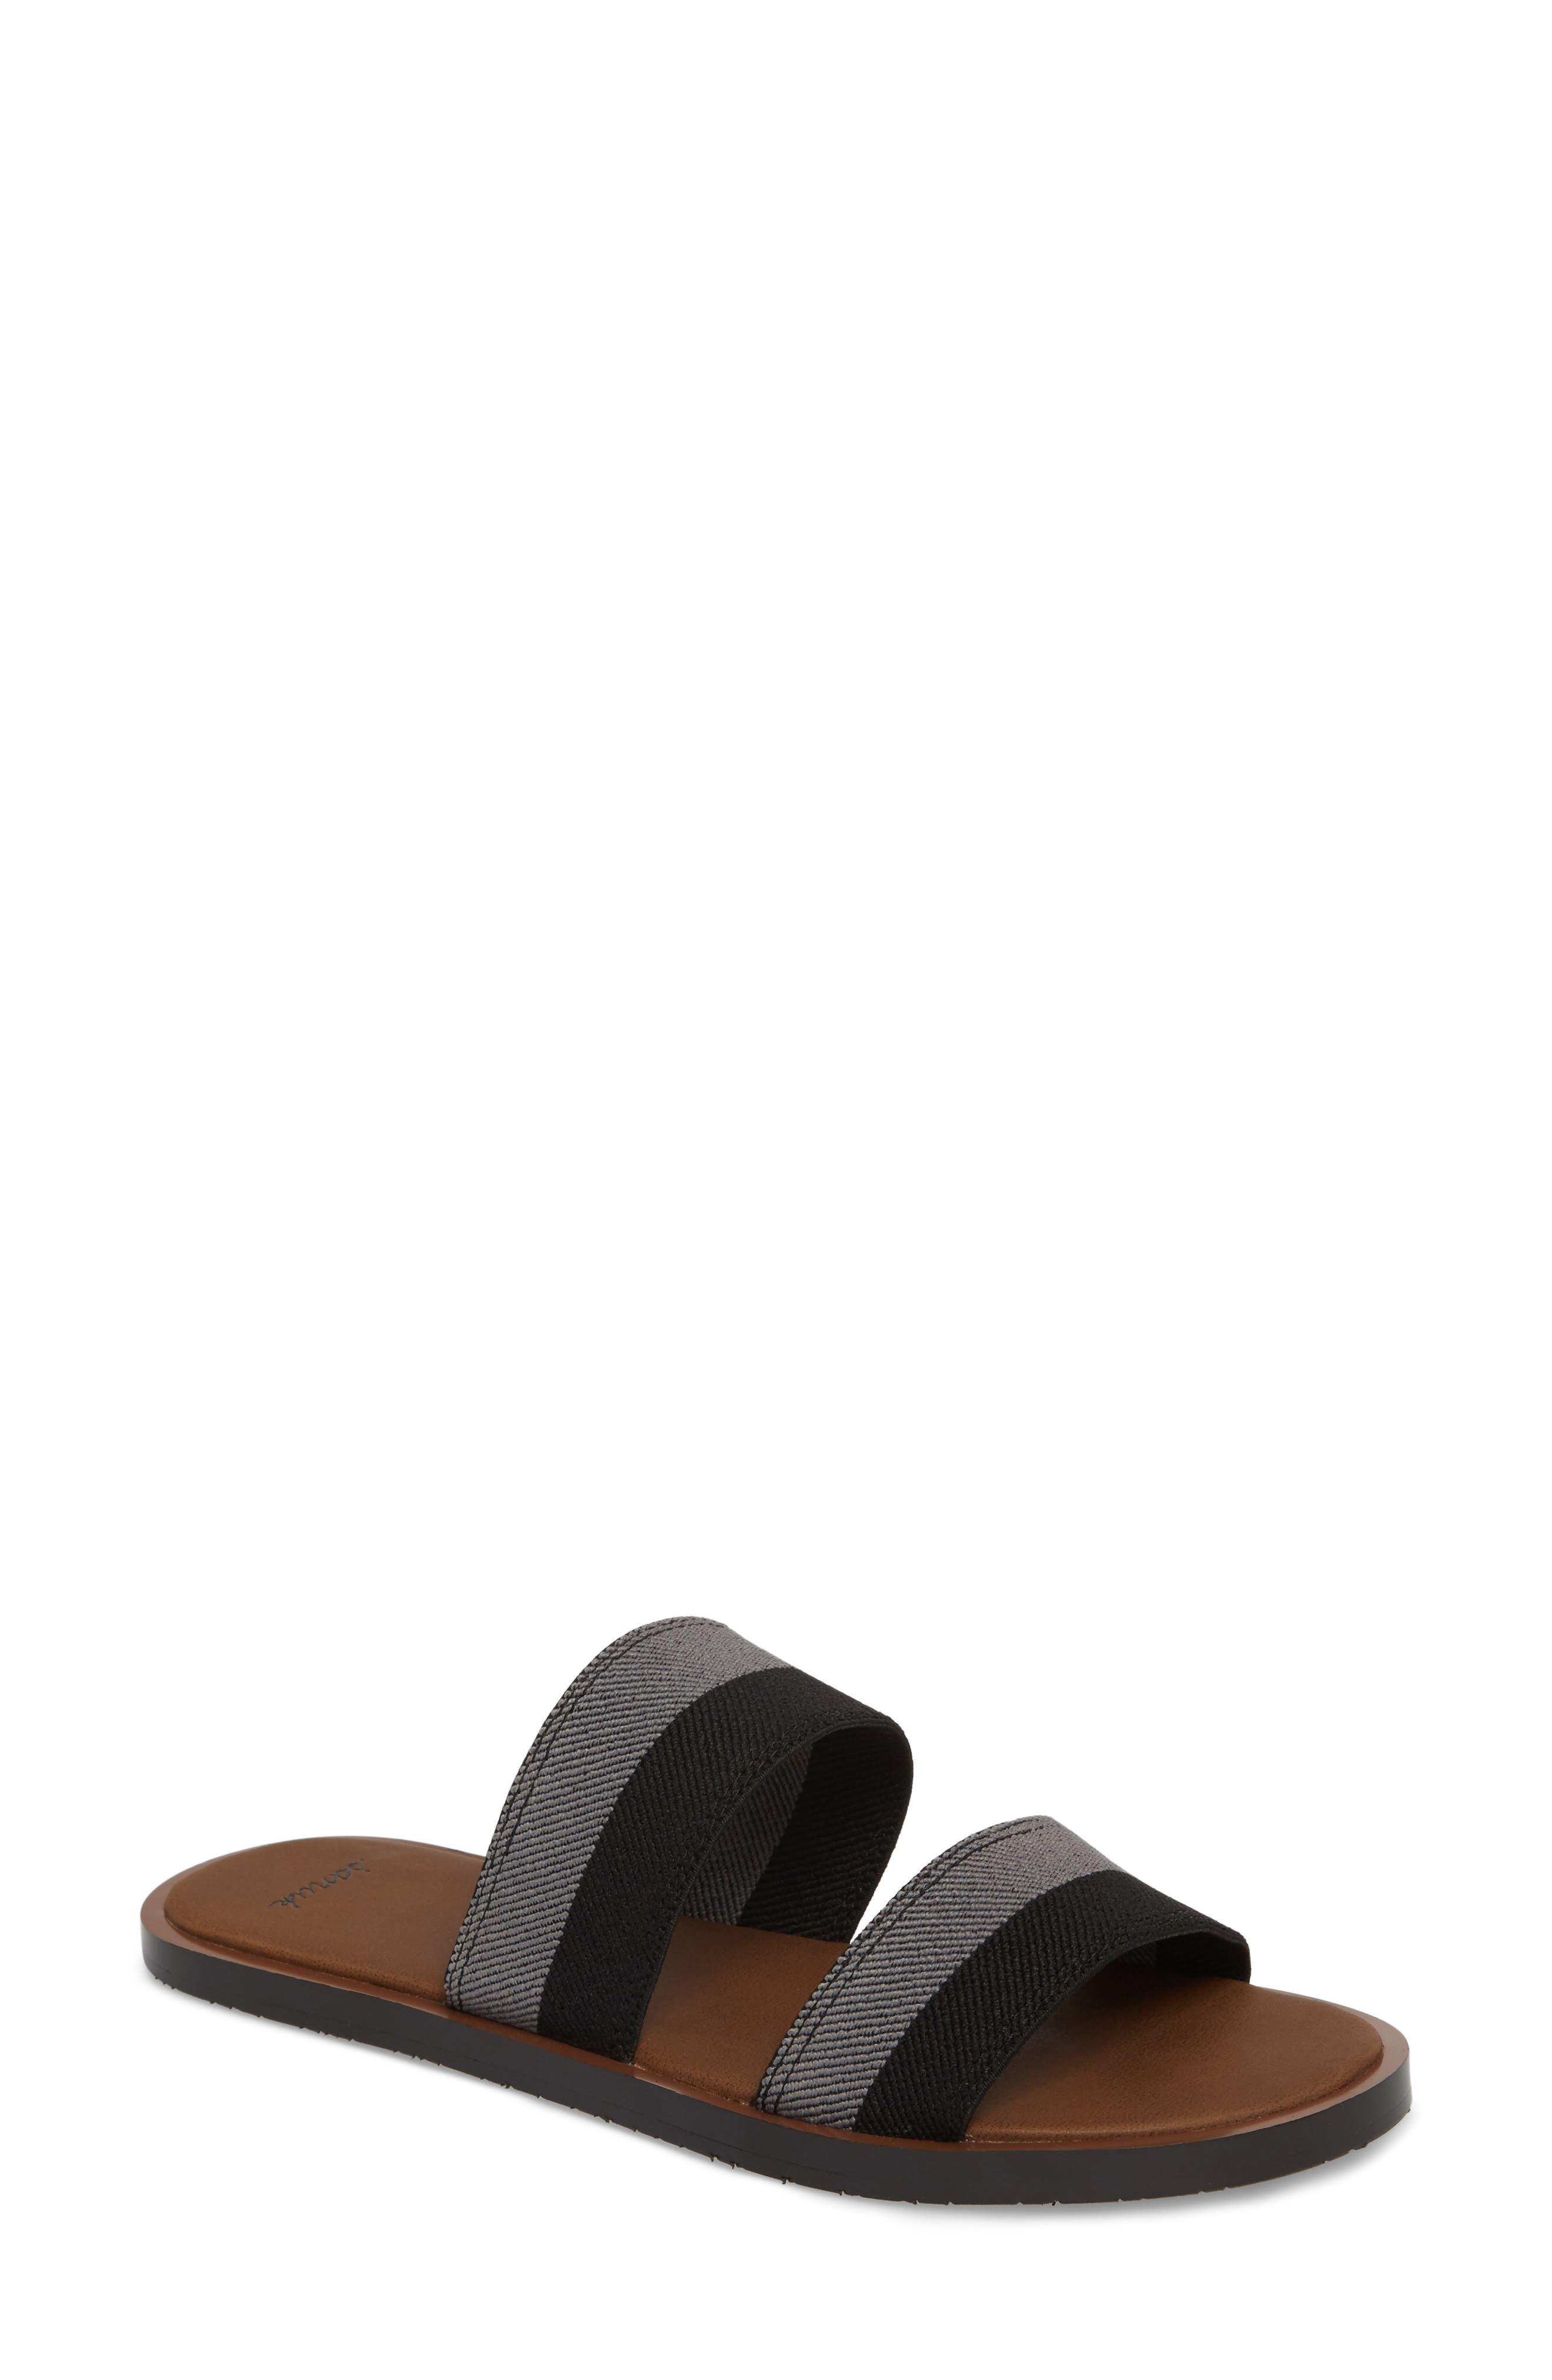 Yoga Gora Gora Slide Sandal,                             Main thumbnail 1, color,                             BLACK/ CHARCOAL